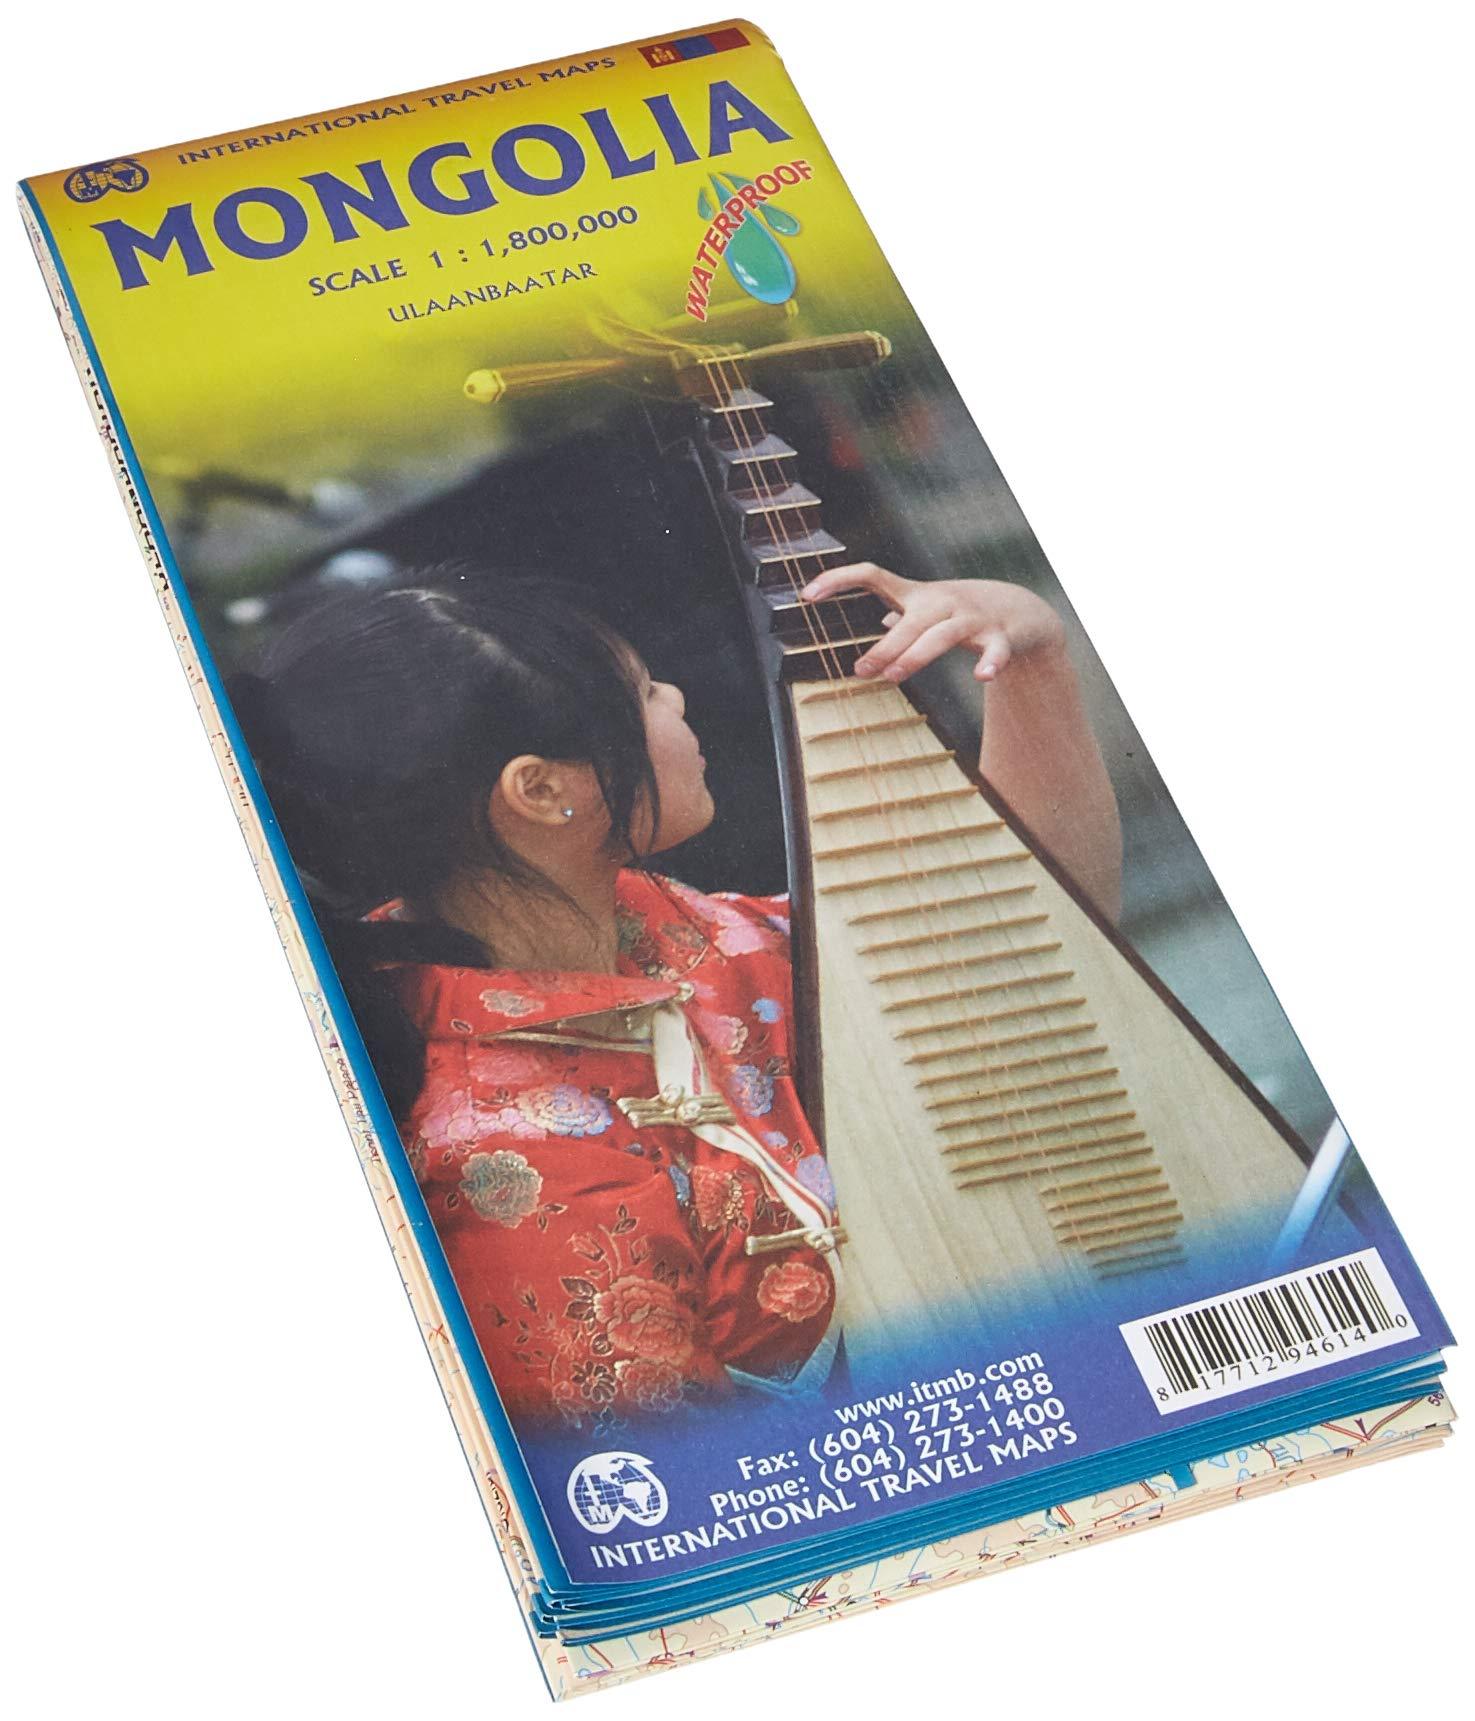 מפת מונגוליה ITM